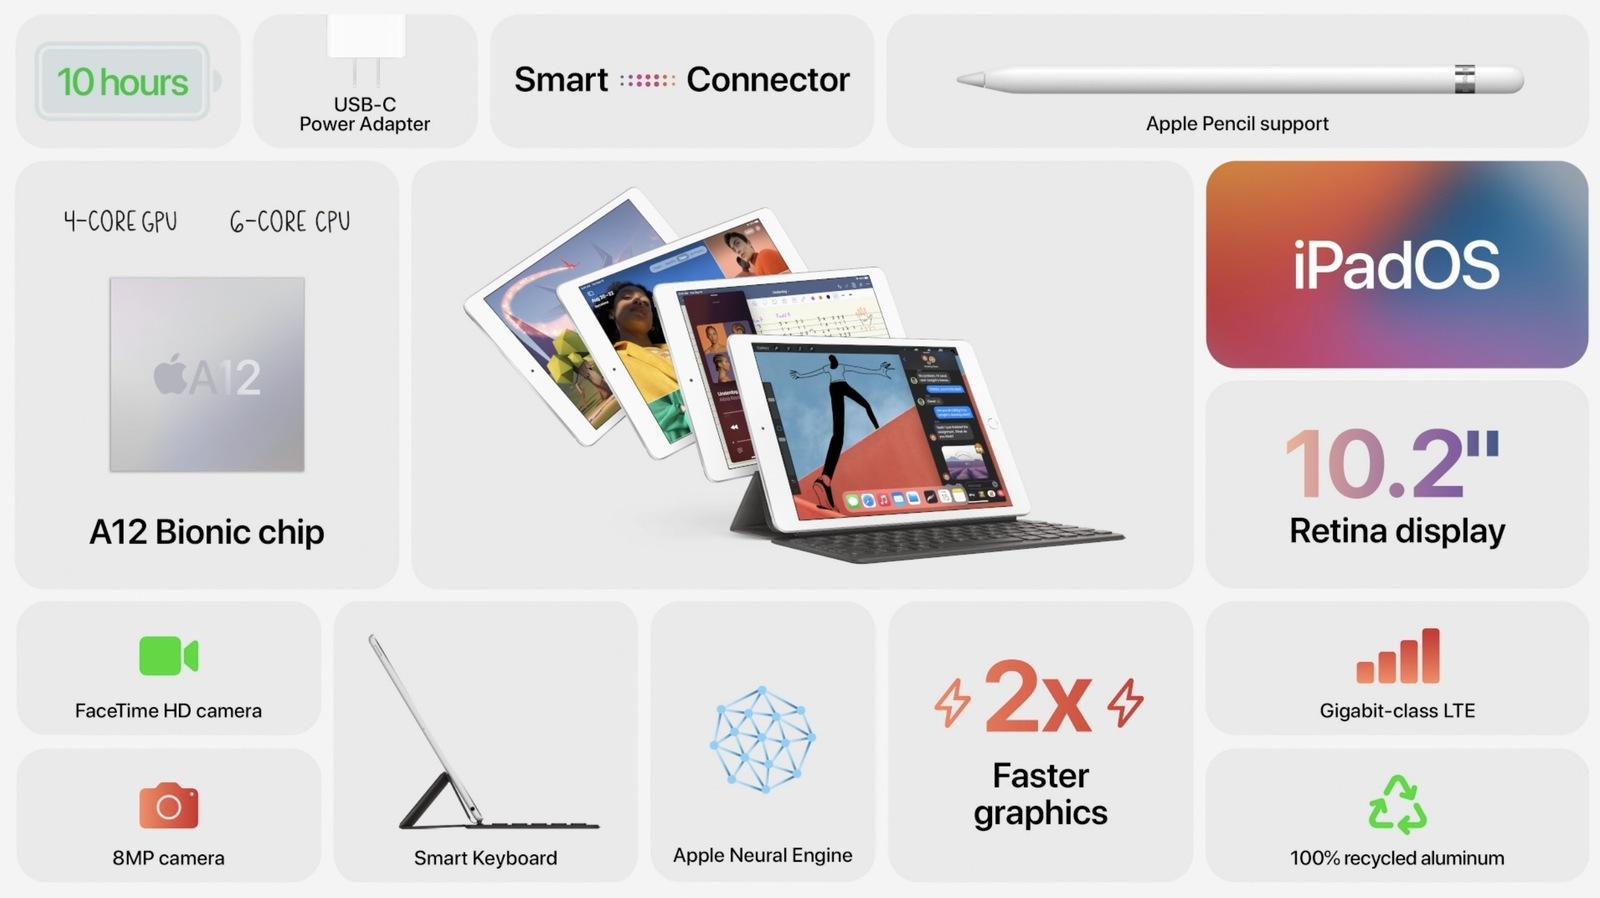 Không có iPhone 12, iPad Air trở thành tâm điểm chú ý với thiết kế cạnh vuông mới, đẹp hơn! - ảnh 1